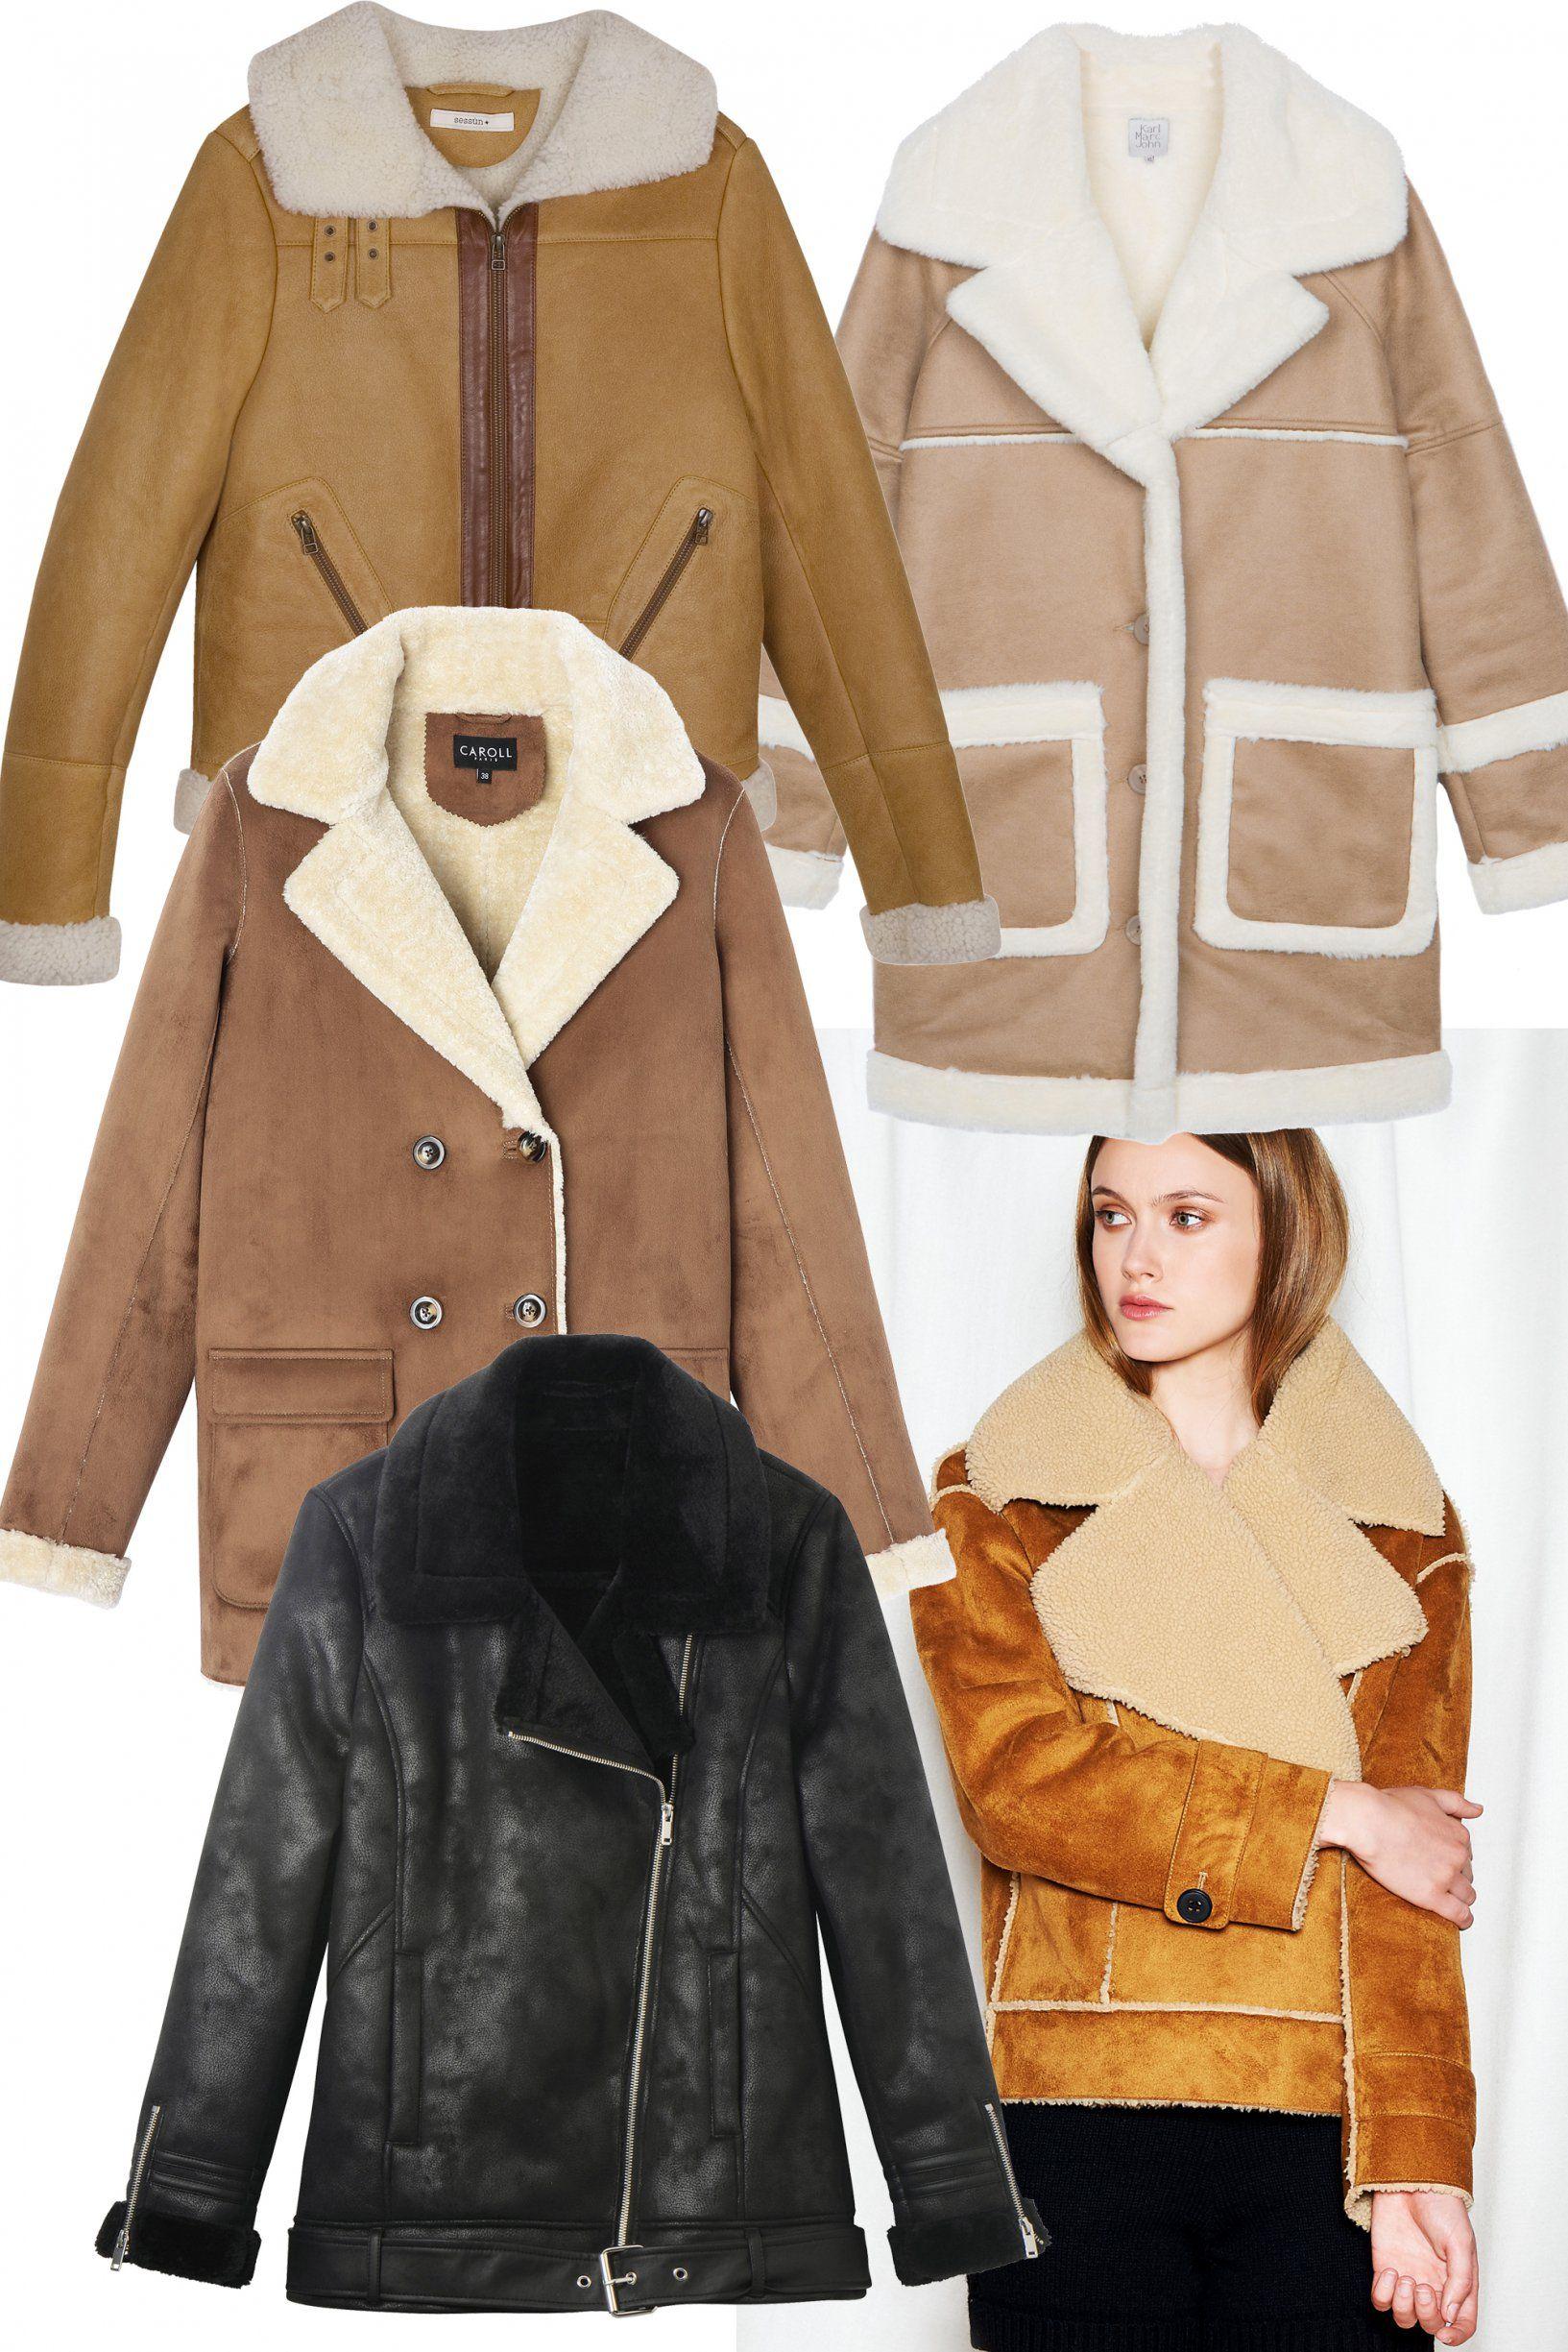 La peau lainée, sélection shopping Peau Lainee, Tendances Mode Automne,  Mode Automne Hiver da2cee1666c